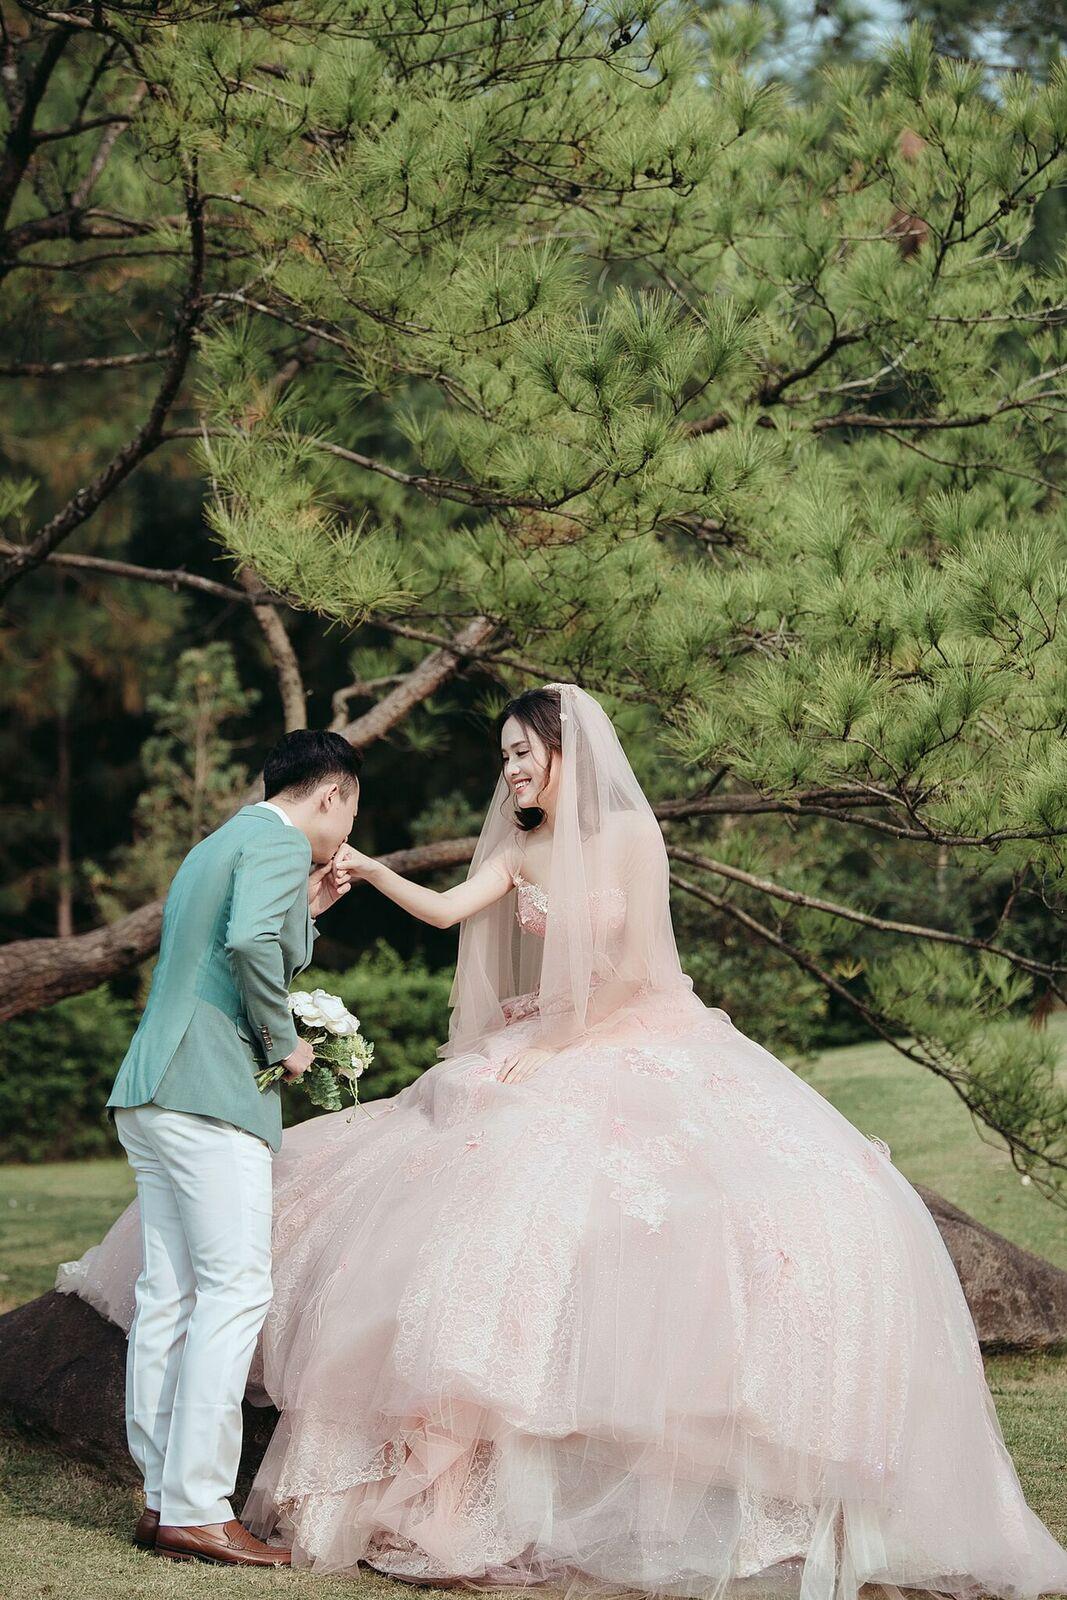 Top 10 Hoa hậu Việt Nam 2016 Trần Tố Như và hotboy cảnh sát khóa môi say đắm trong ngày cưới-11